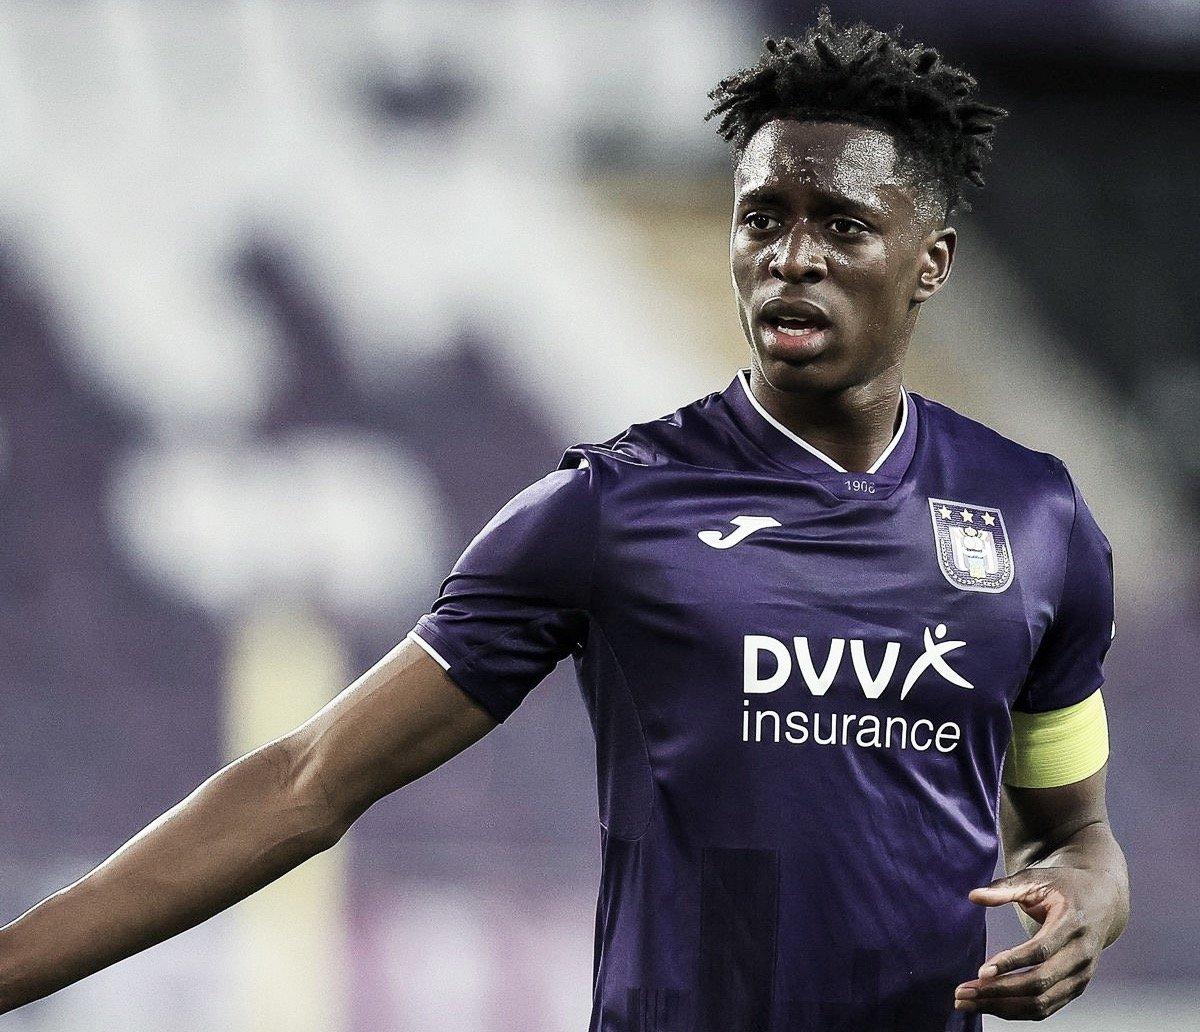 Após recusa, Arsenal prepara oferta de 18 milhões de euros por Lokonga, do Anderlecht